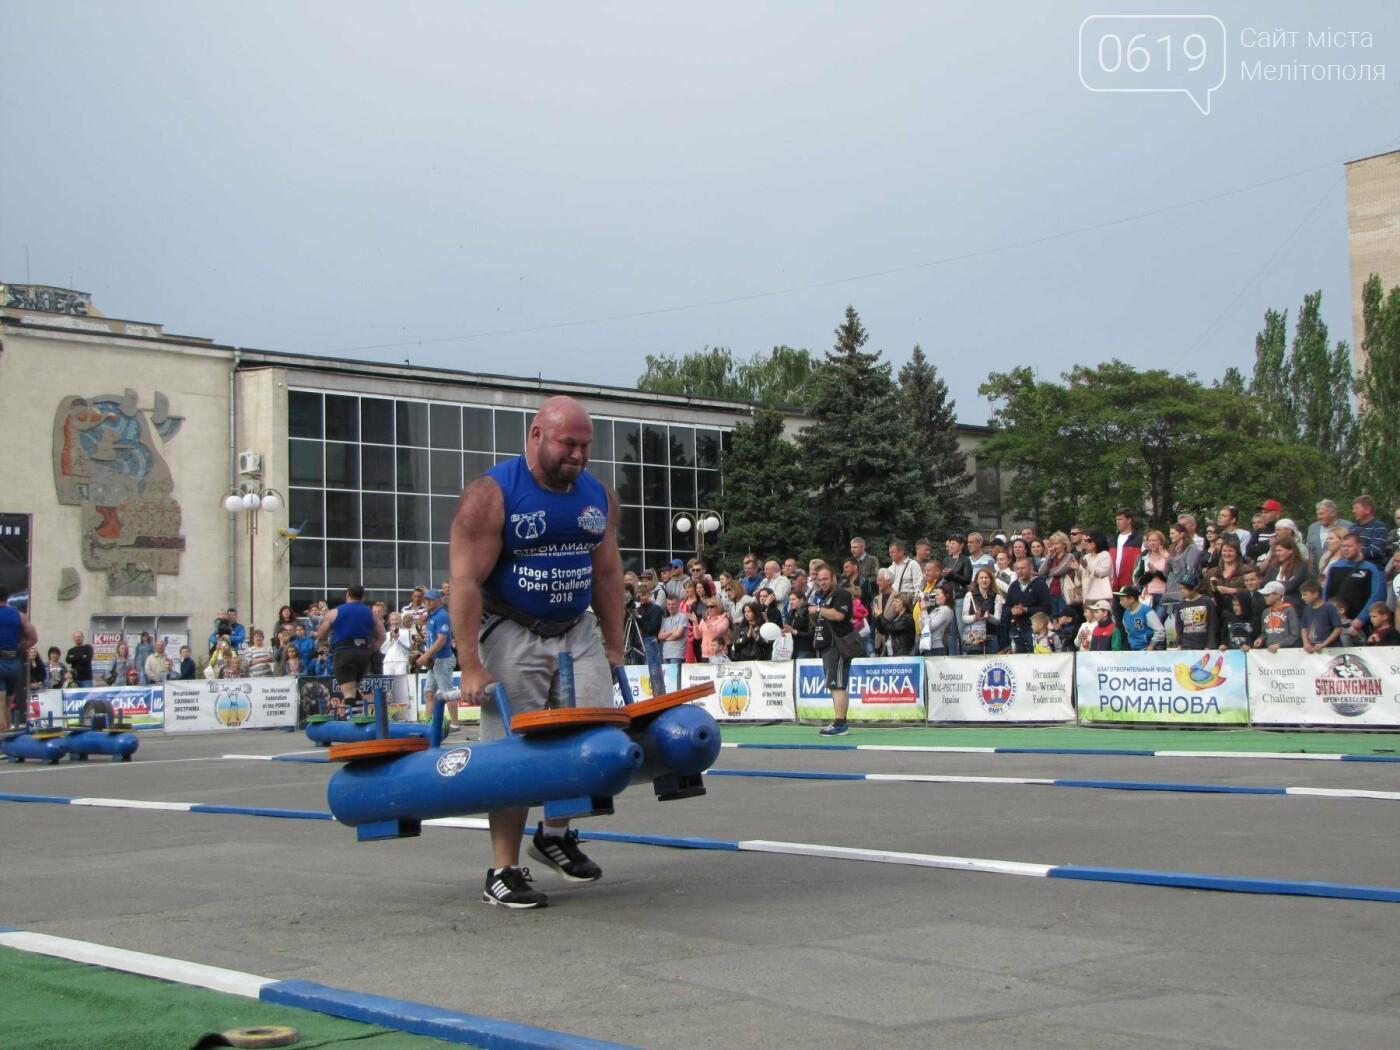 Три победы за неделю: мелитопольский богатырь выиграл второй этап международного чемпионата, фото-50